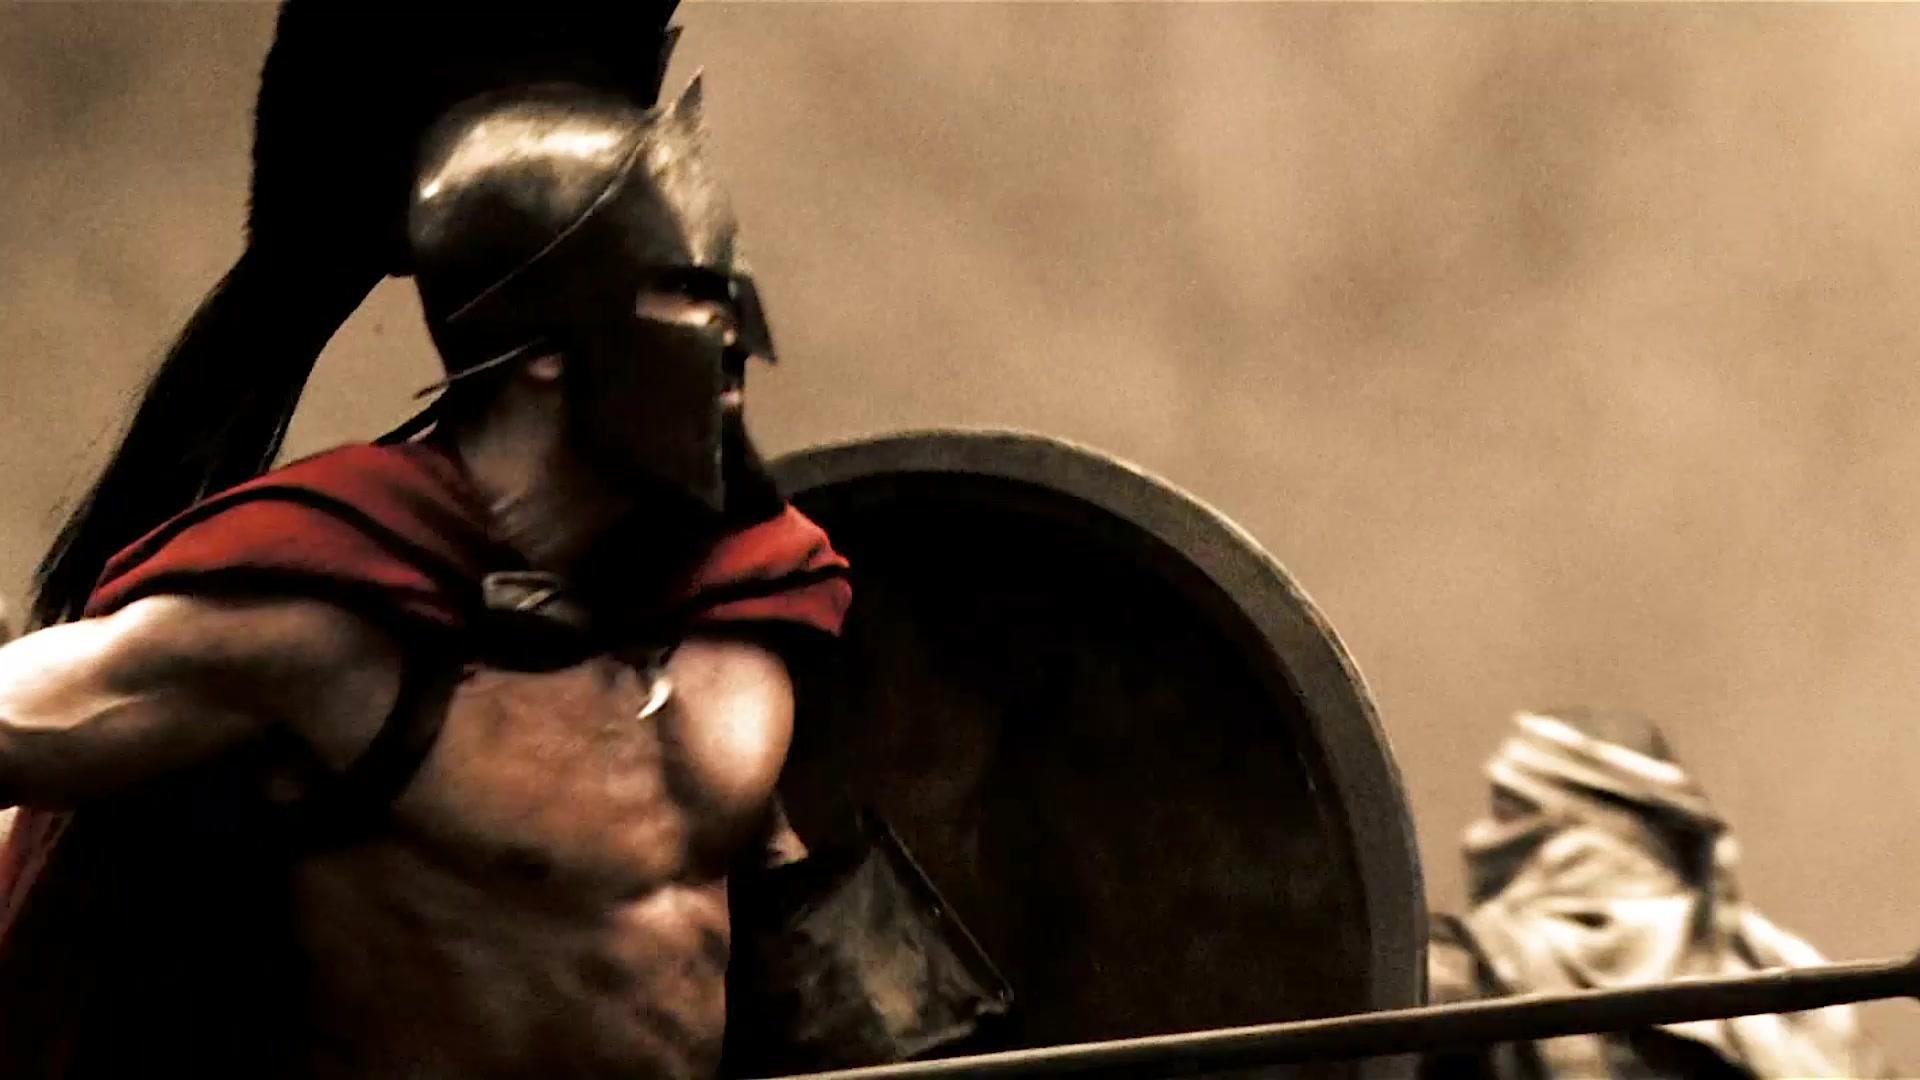 #电影迷的修养#《斯巴达300勇士》4K高清60帧视频剪辑欣赏